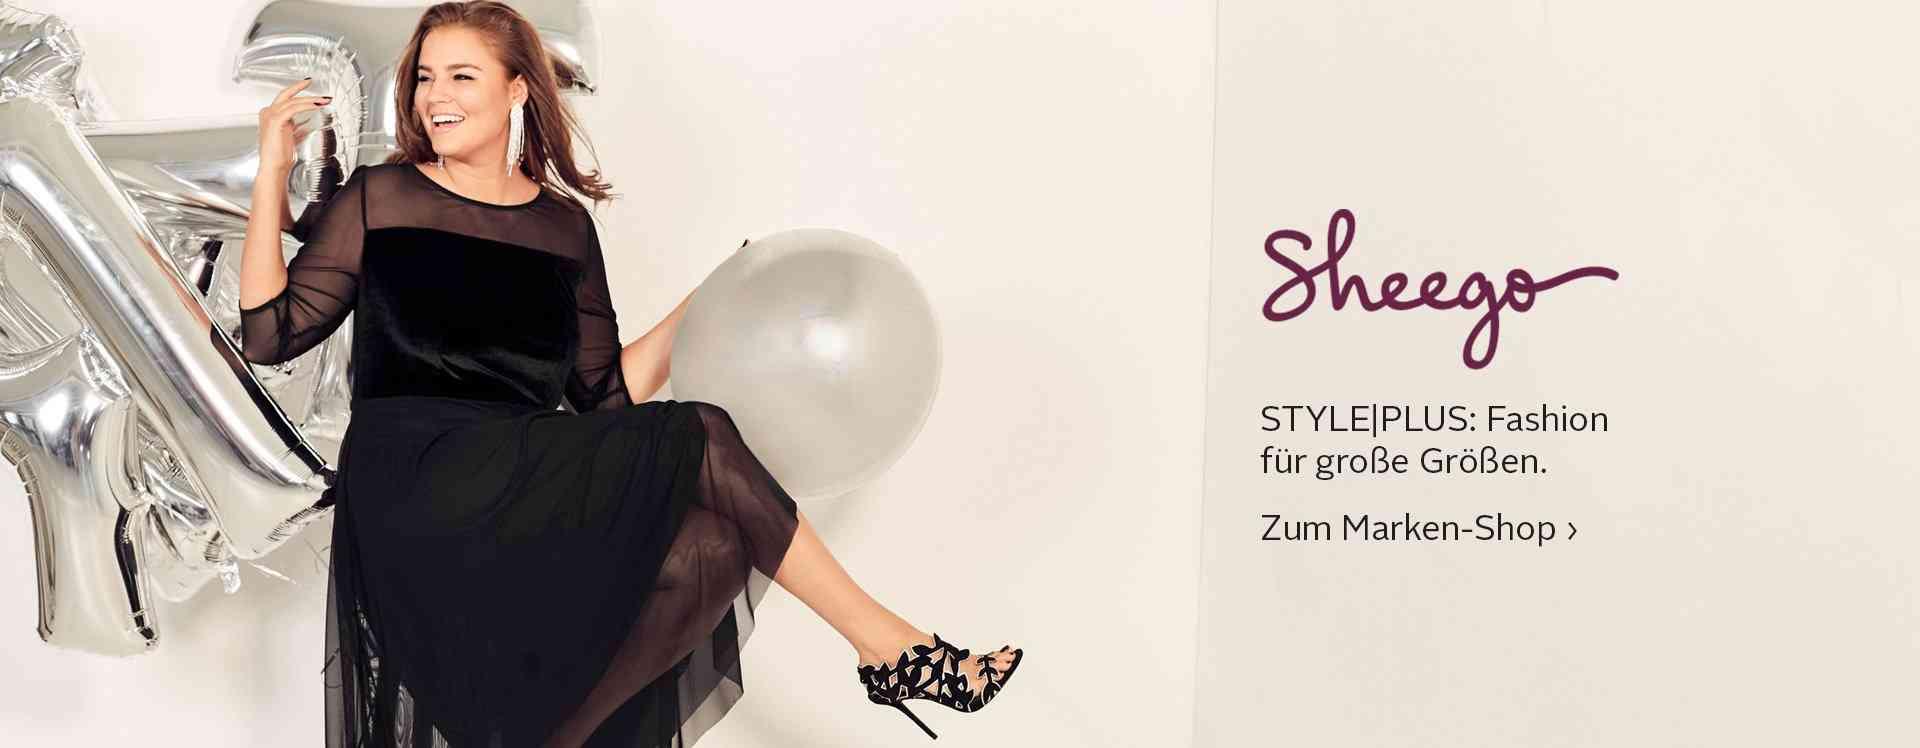 Sheego Markenshop - Trendige Damenmode in großen Größen. Jetzt entdecken!